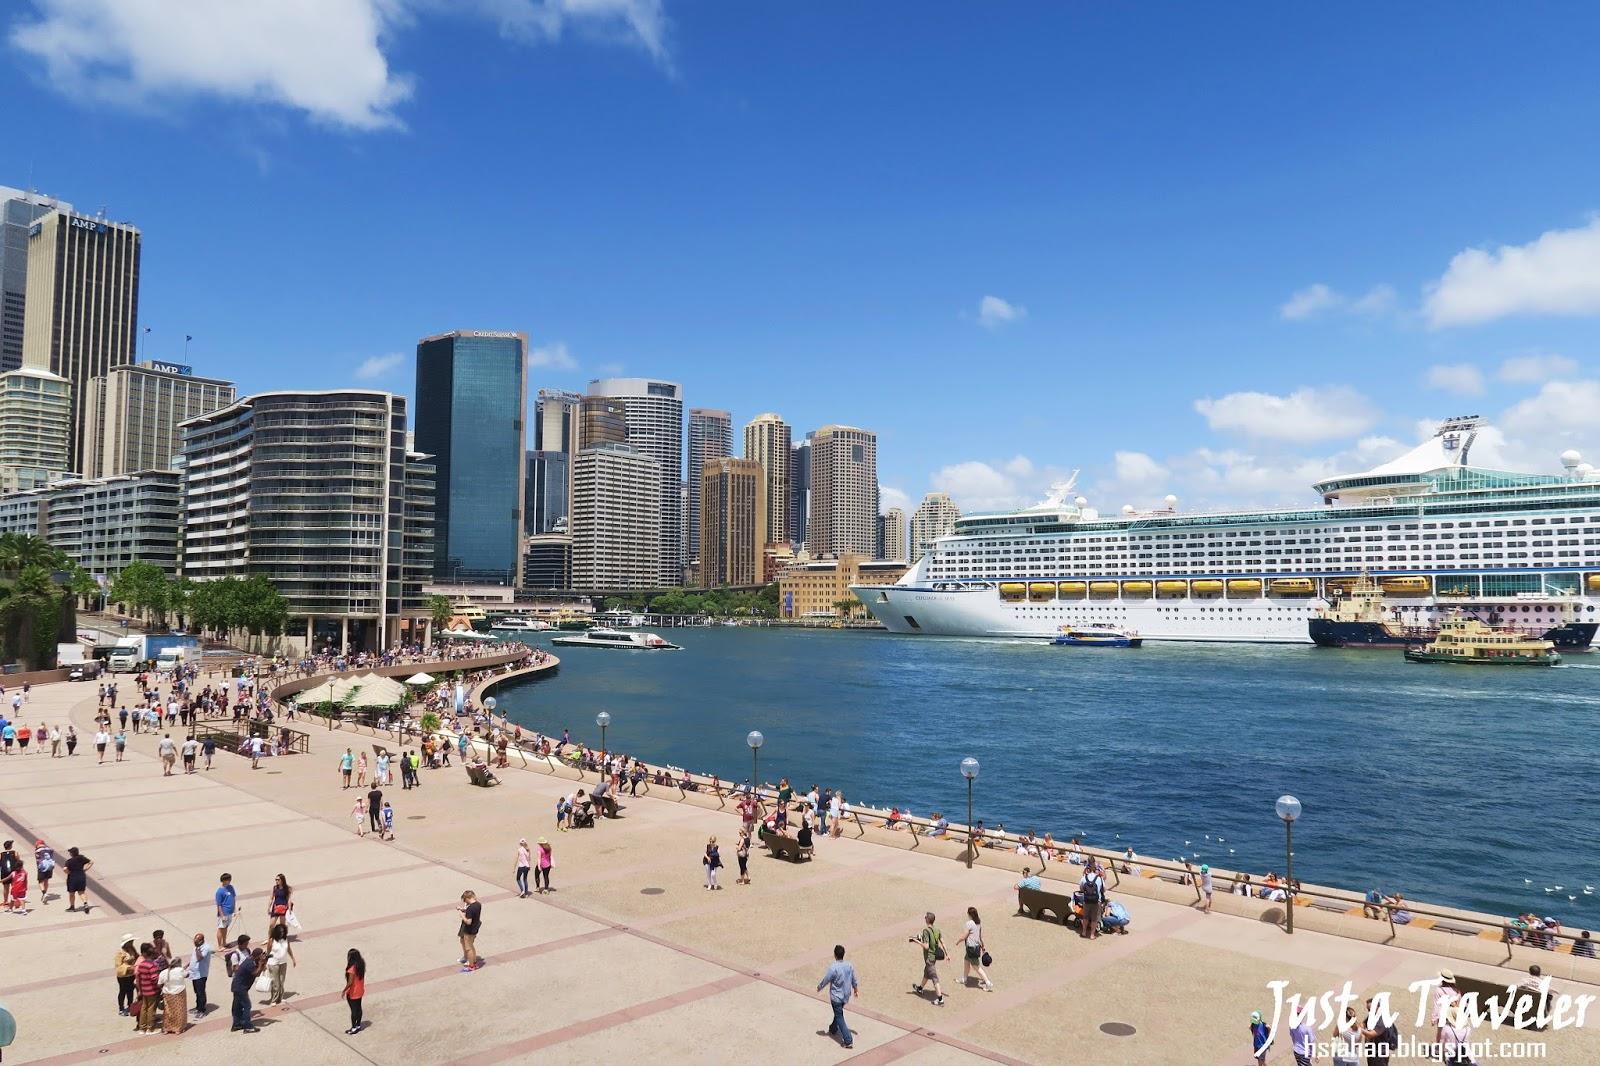 雪梨-景點-推薦-環形碼頭-Circular-Quay-歌劇院-Opera-House-旅遊-自由行-澳洲-Sydney-Tourist-Attraction-Travel-Australia